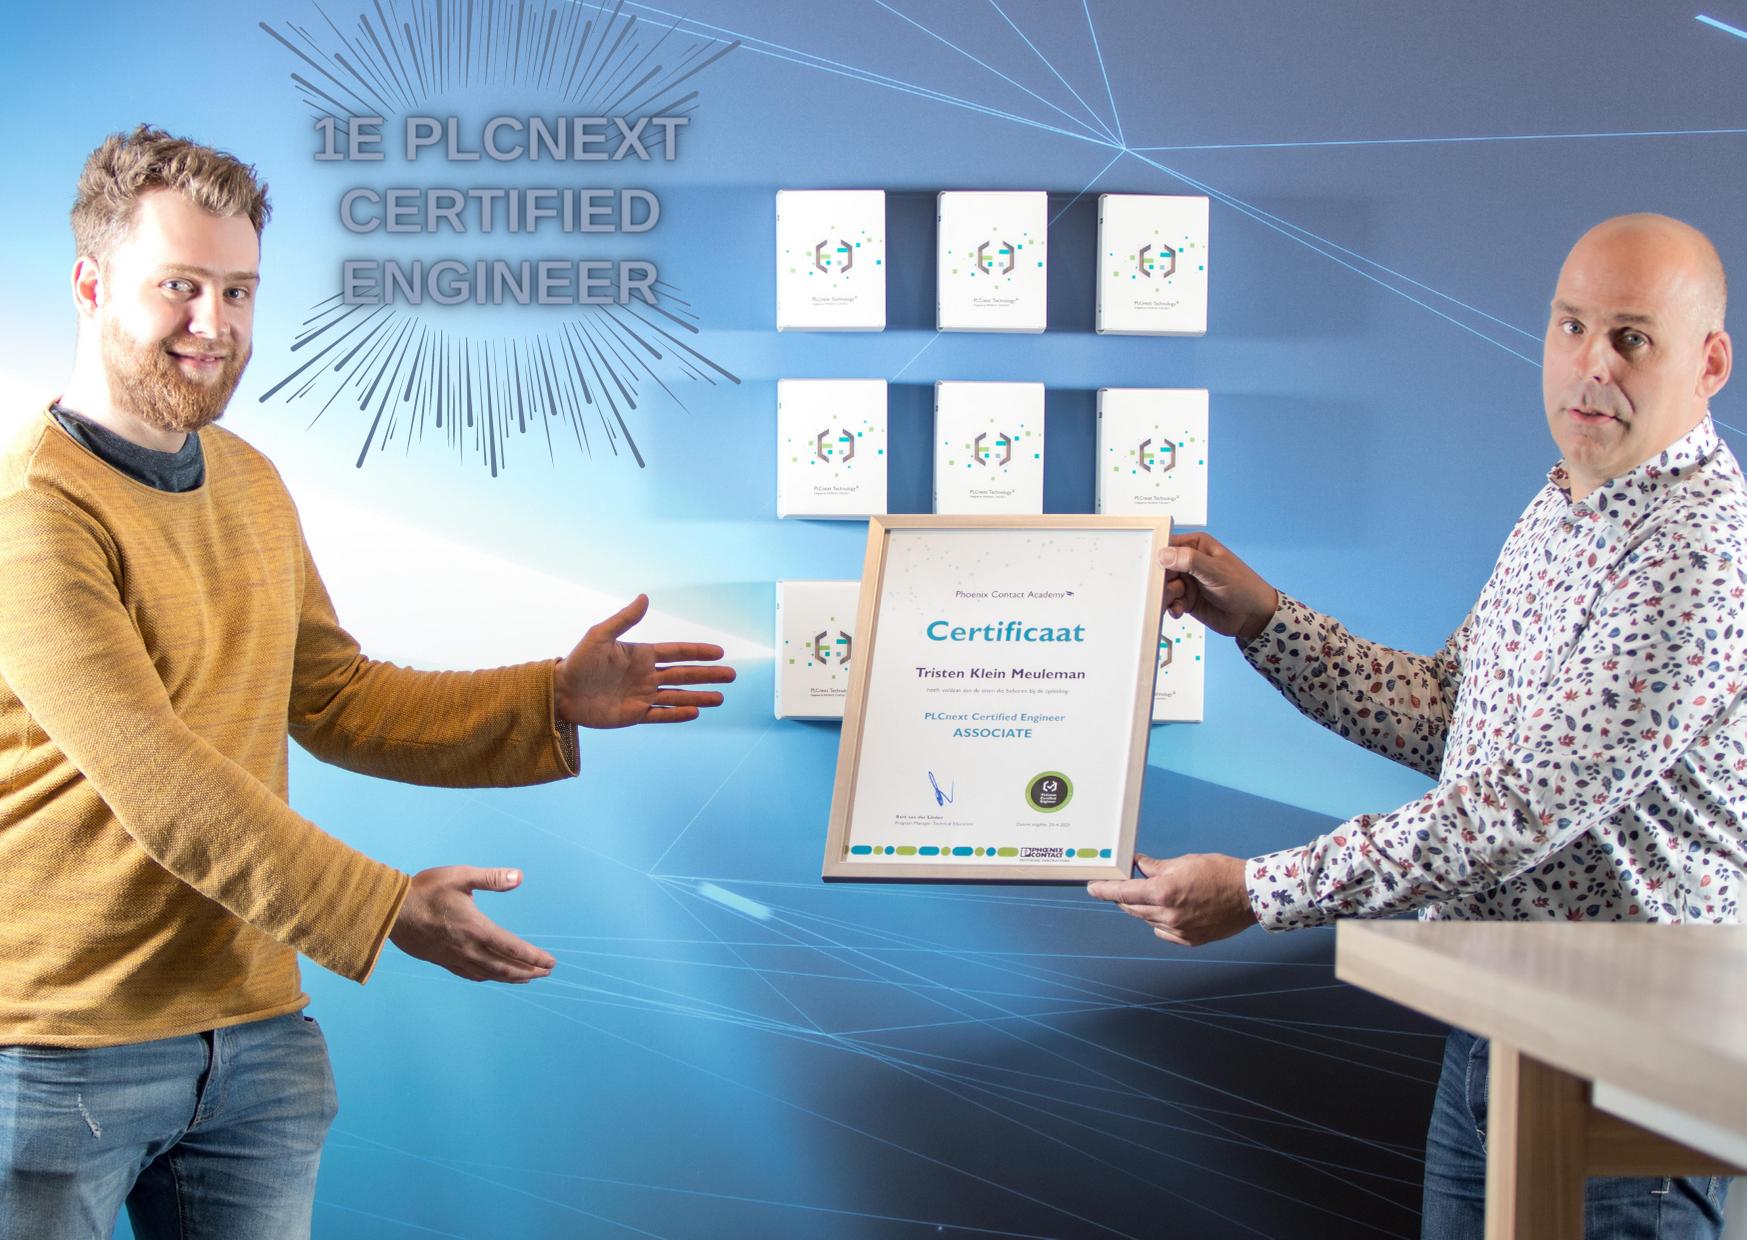 Het eerste PLCnext Certified Engineer certificaat uitgereikt!